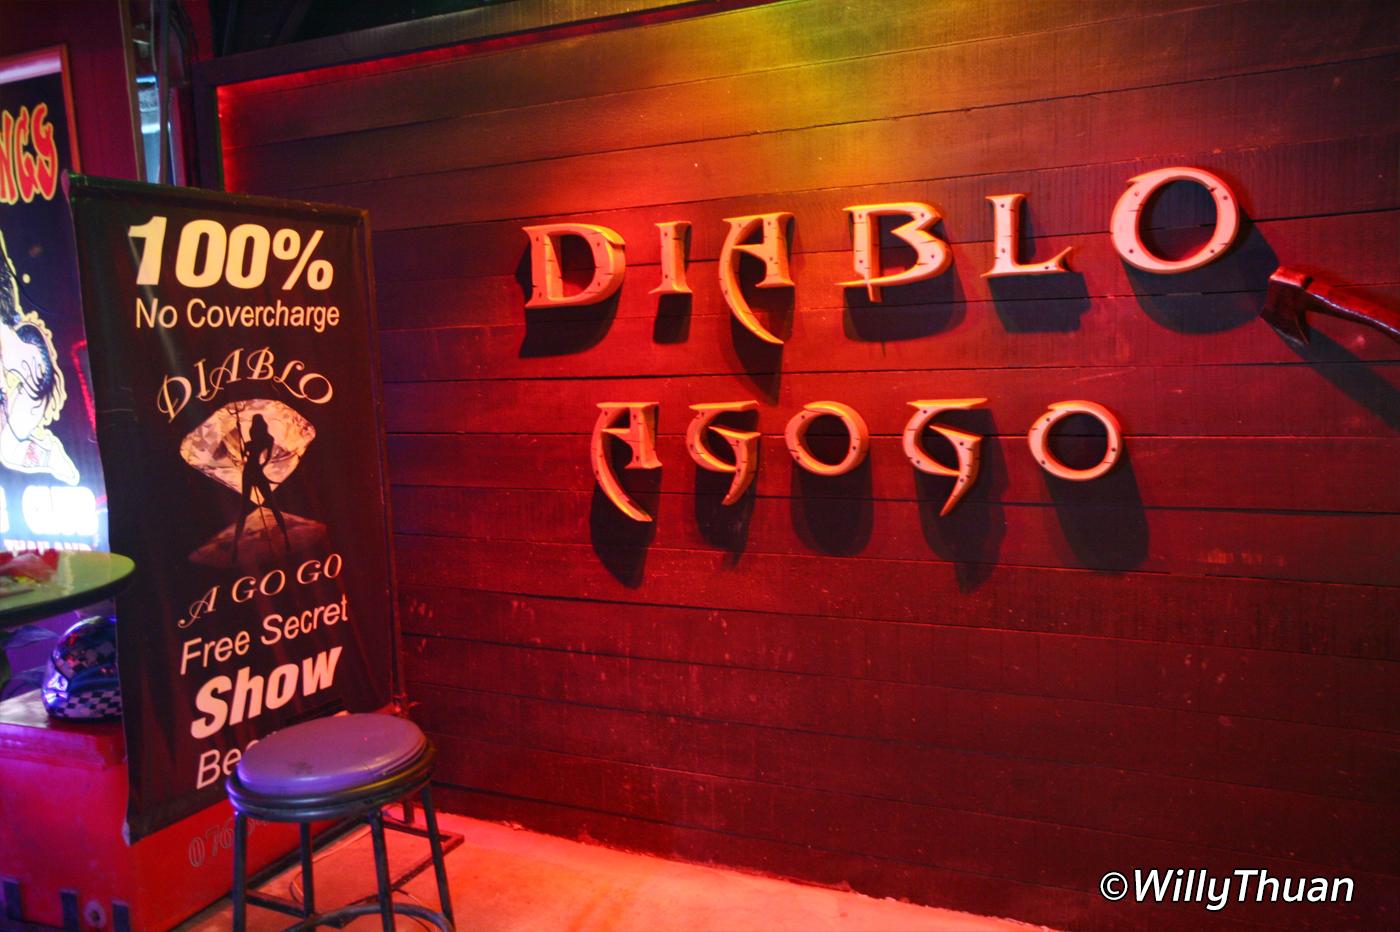 Diablo A Go Go